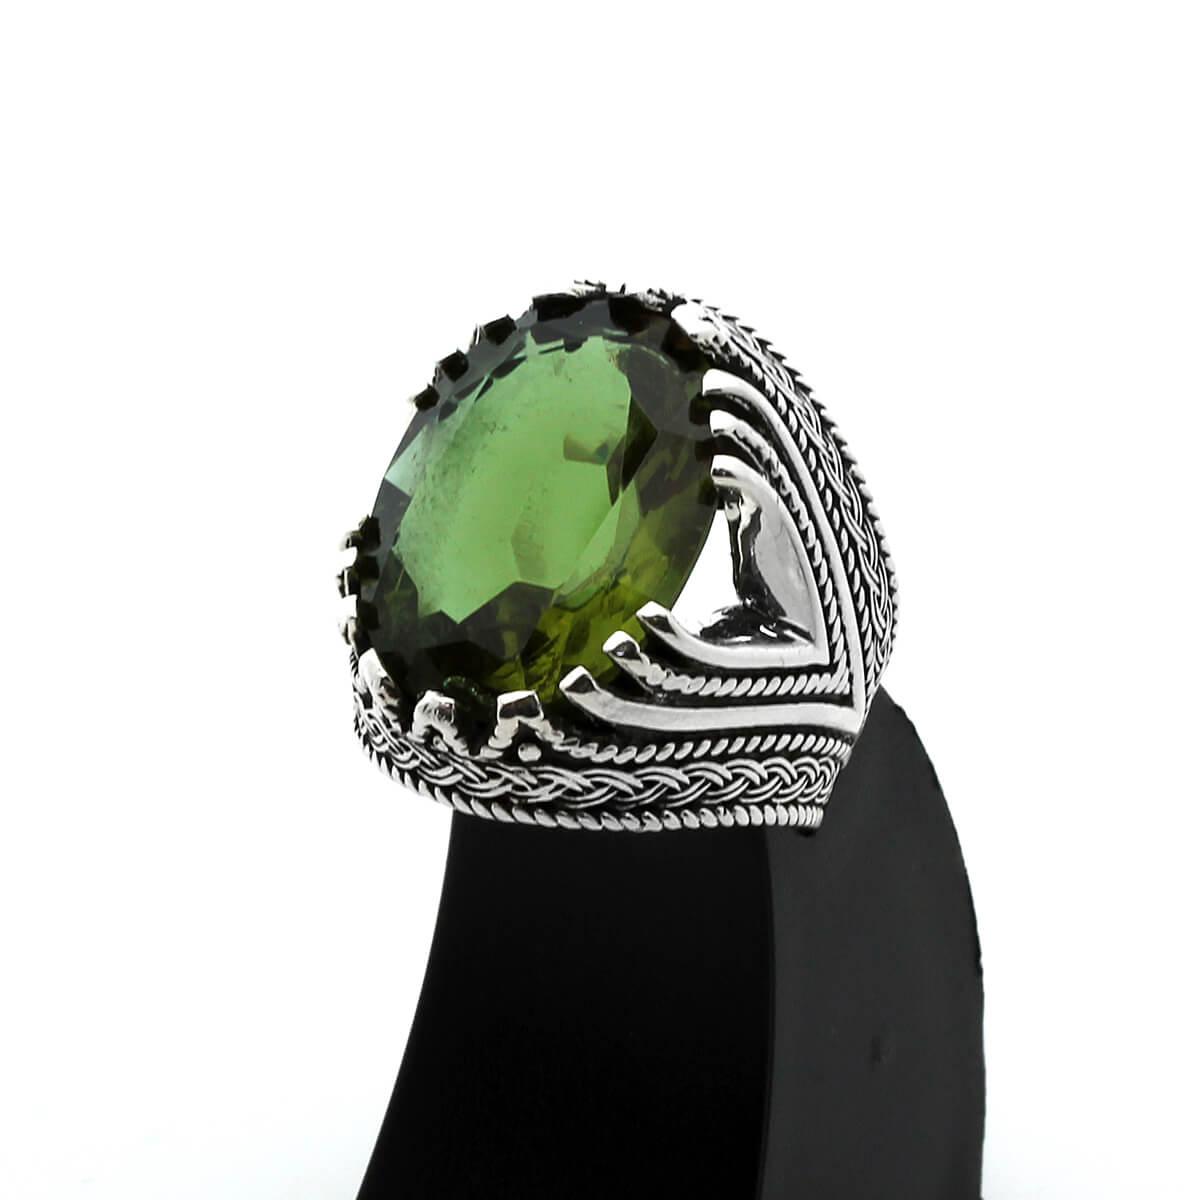 خاتم رجال من الفضة التركية عيار 925 مرصع بحجر السلطانيت الطبيعي متغير الالوان ( 95 دولار )